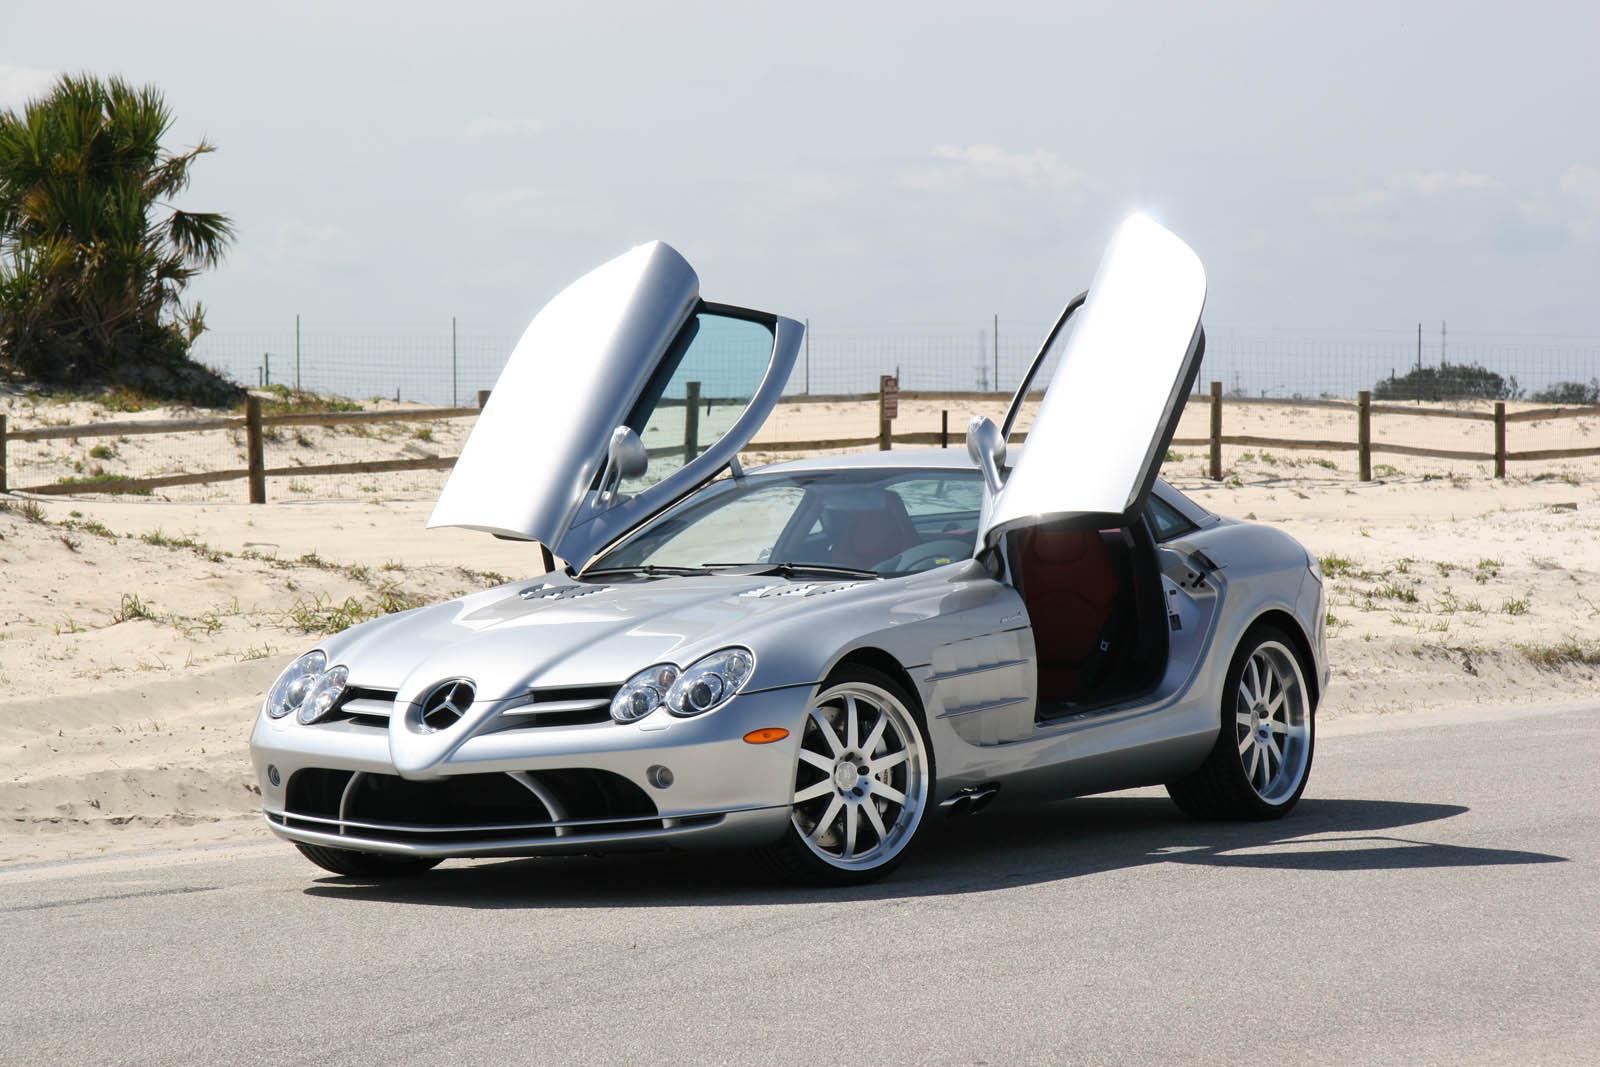 Мы тоже сначала подумали, что Mercedes серфингисту подарили SLR McLaren